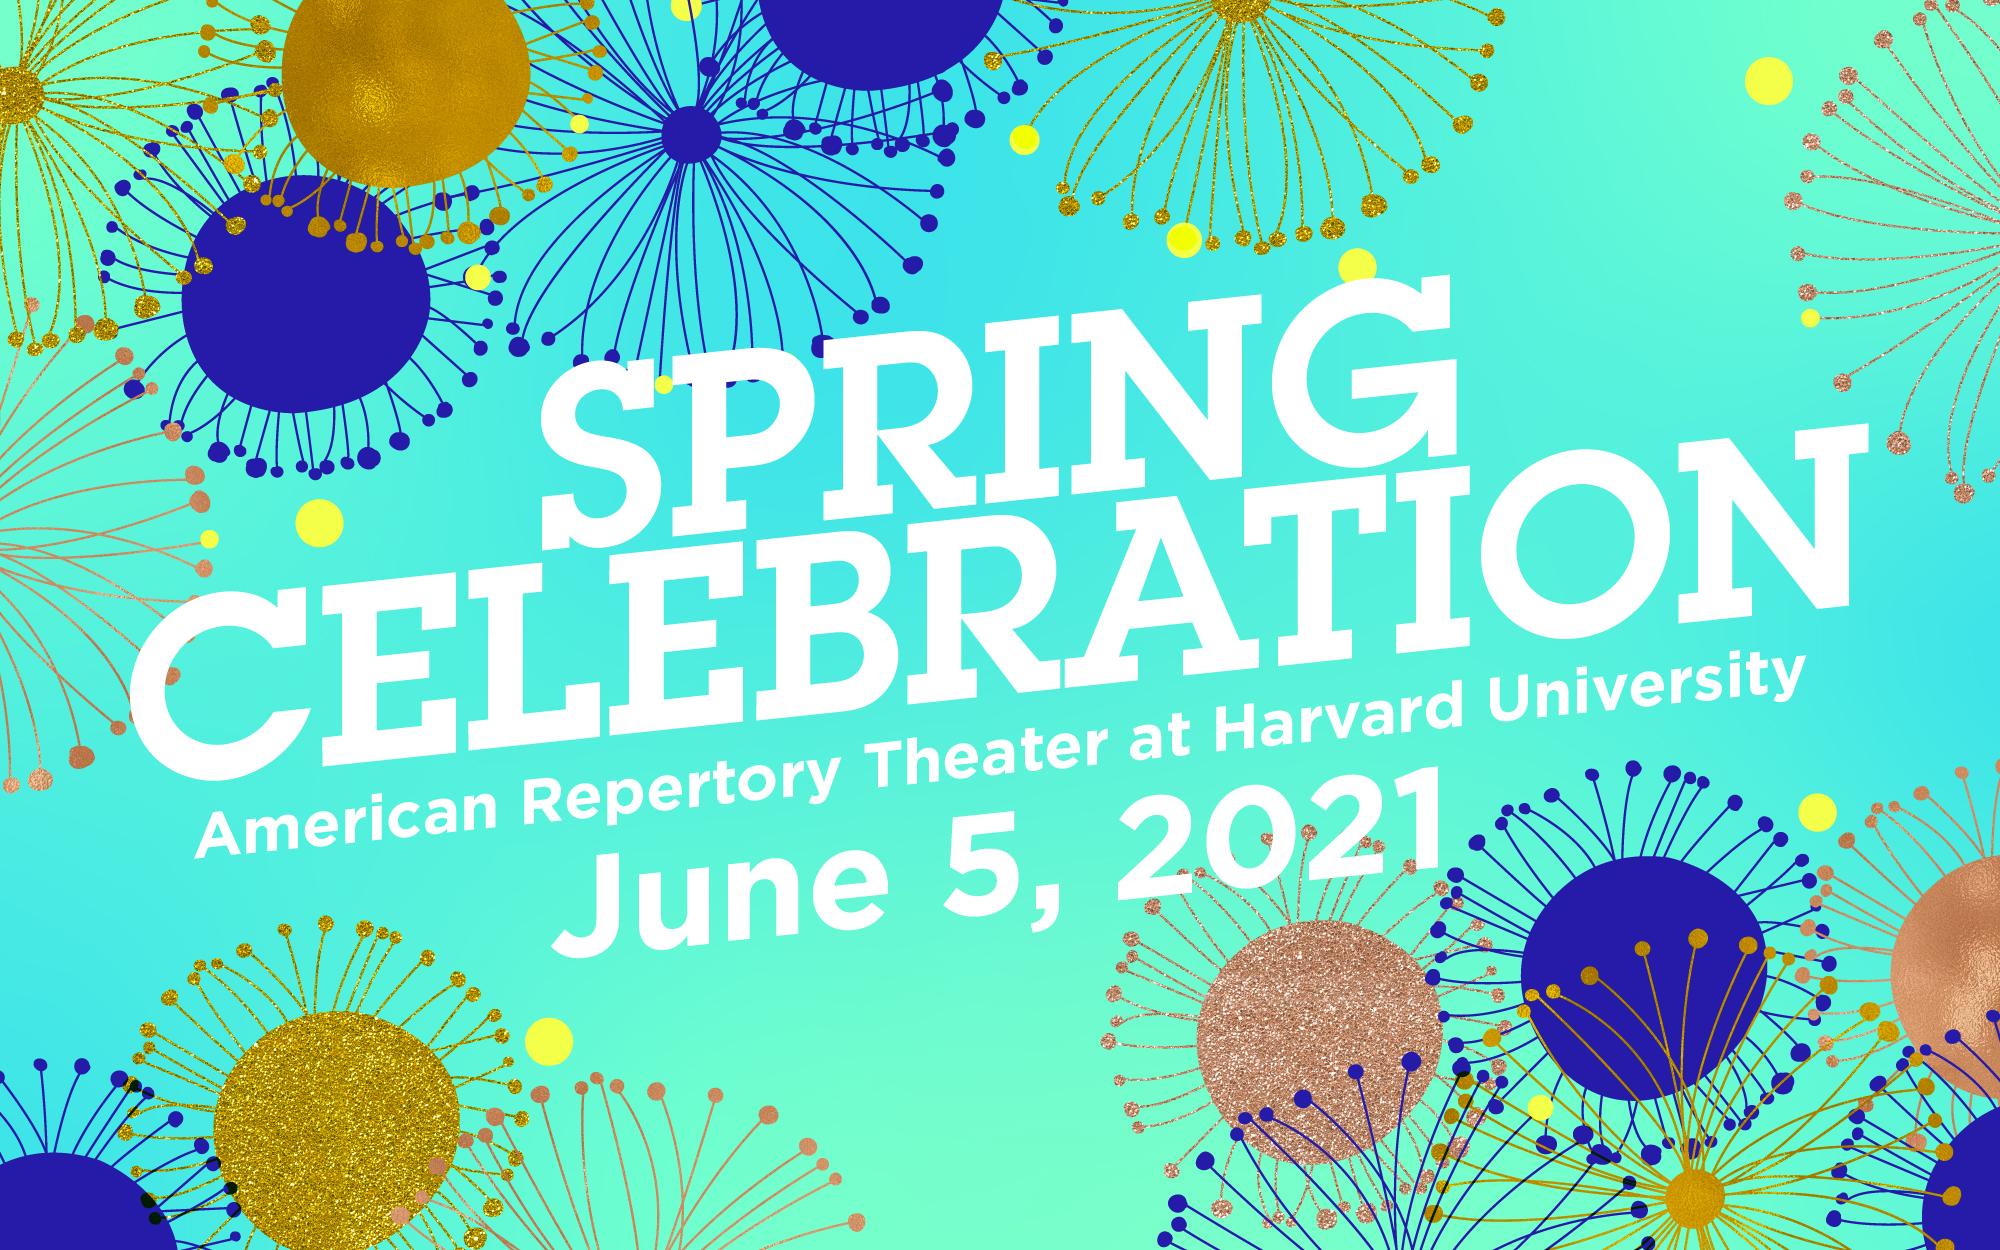 Spring Celebration American Repertory Theater at Harvard University June 5, 2021